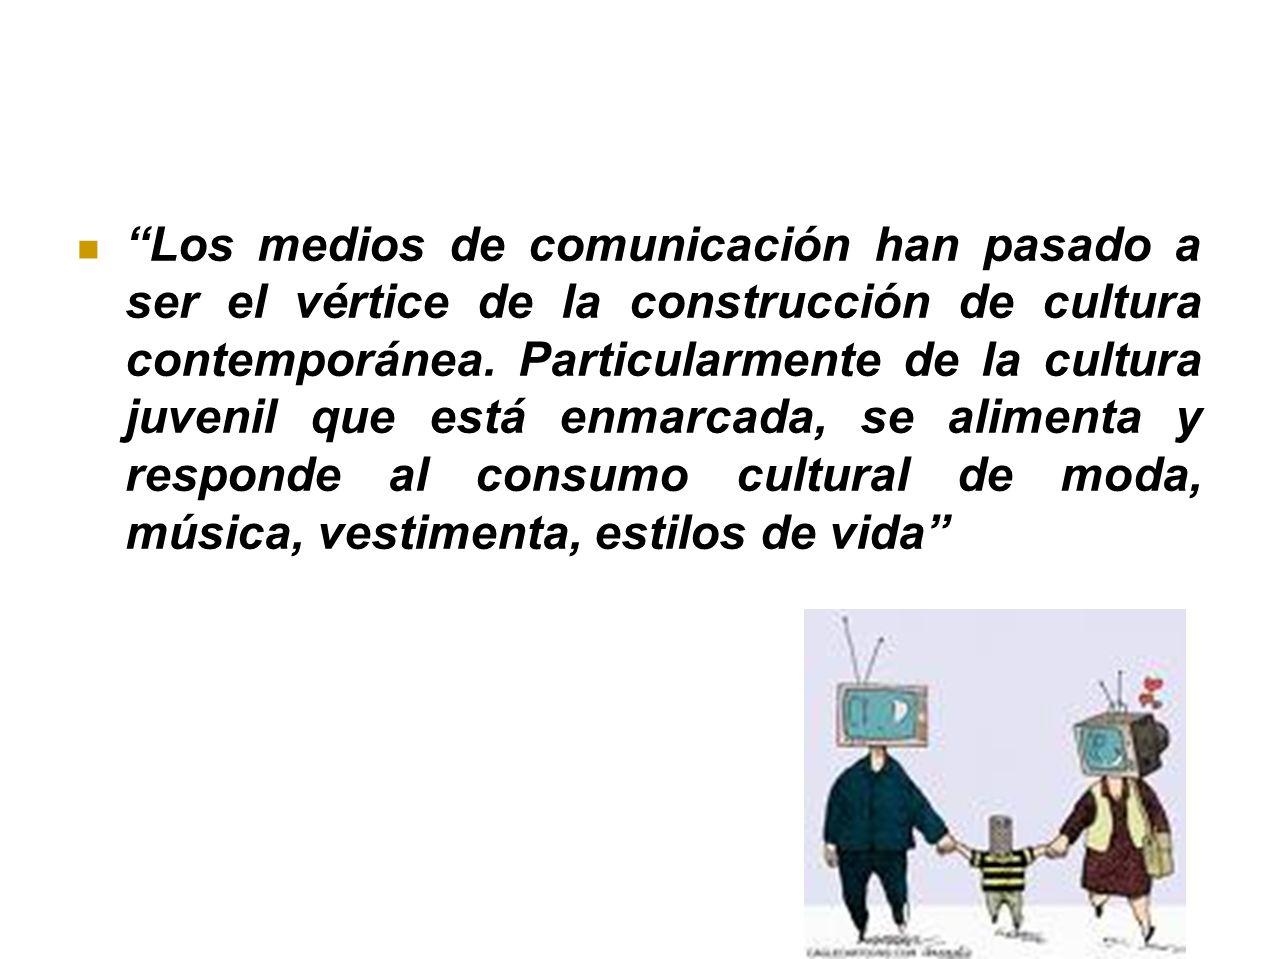 Los medios de comunicación han pasado a ser el vértice de la construcción de cultura contemporánea.